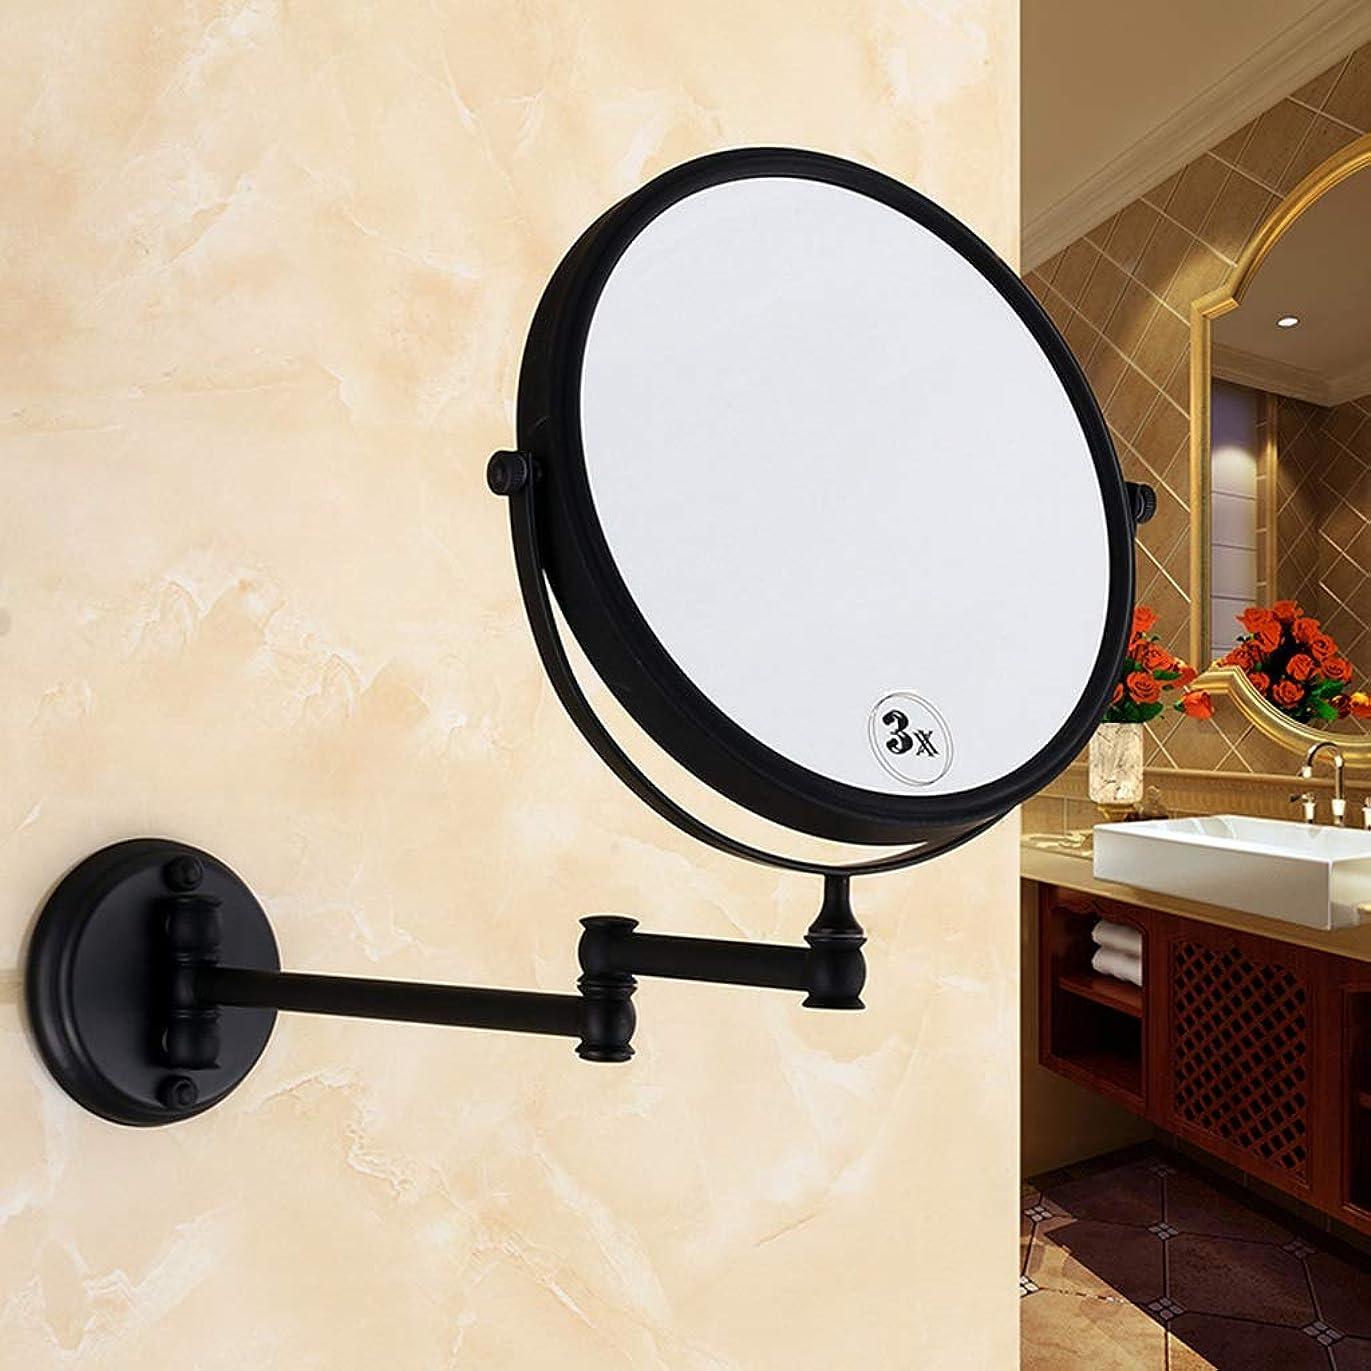 こしょう単に予約IUYWL浴室用ミラー 化粧鏡拡大鏡バニティ化粧鏡360°折りたたみ両面ミラーブラック IUYWL浴室用ミラー